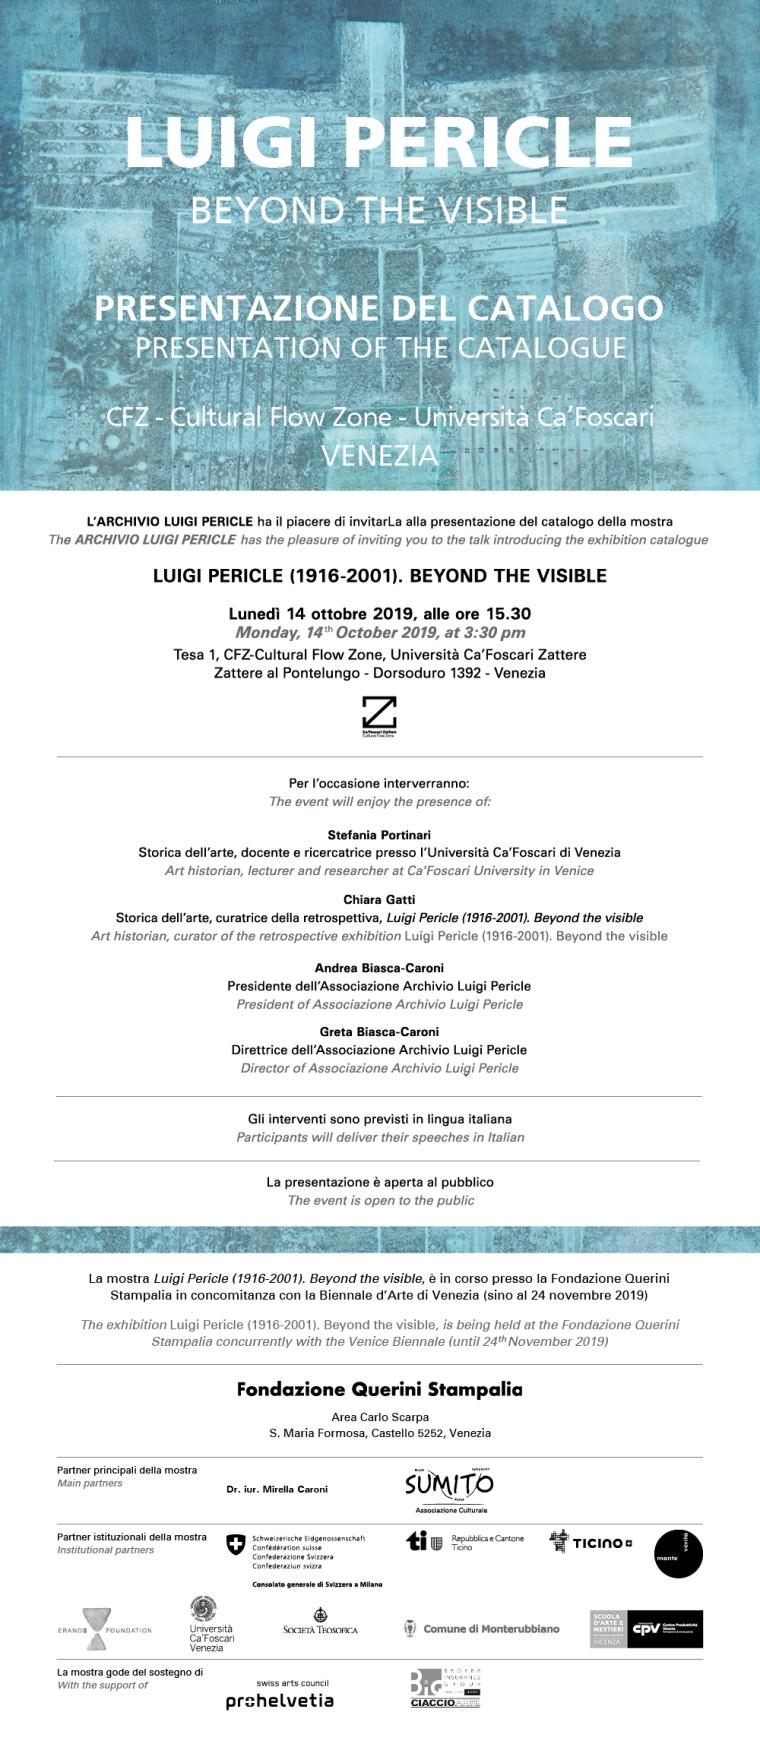 Luigi Pericle -Presentazione Catalogo - Venezia 2019_INVITO_